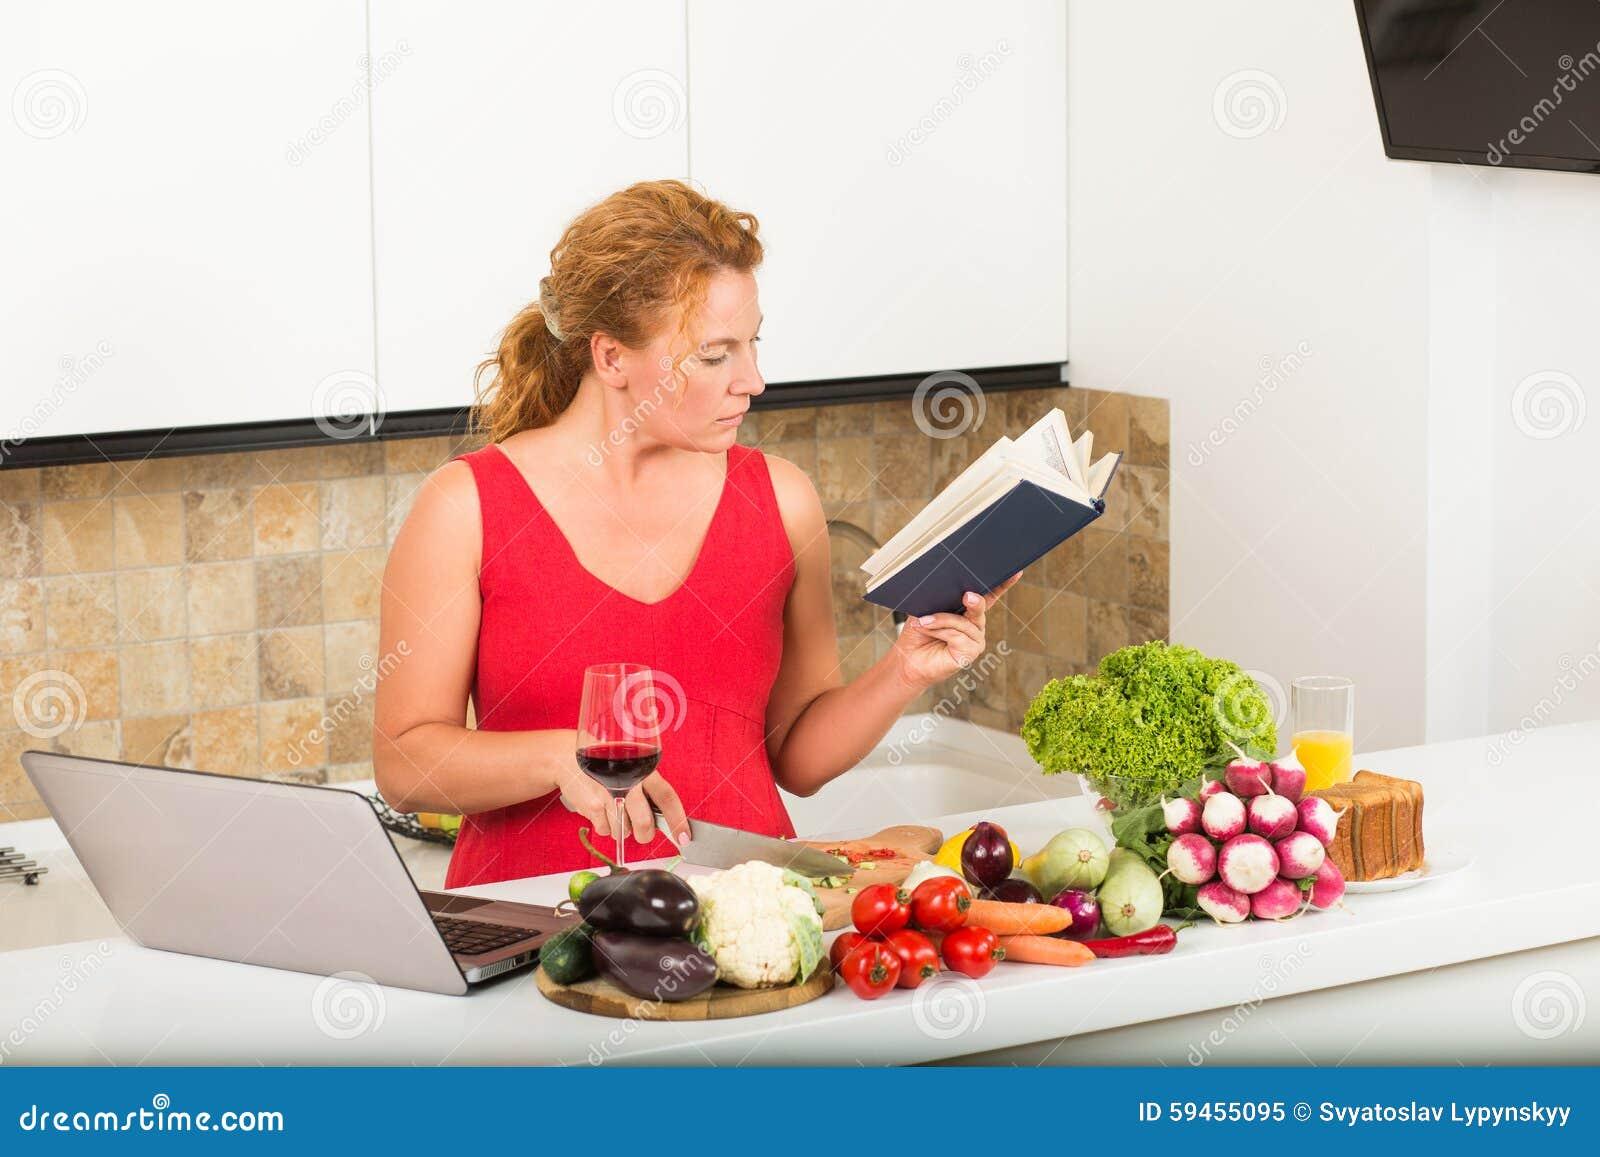 Femme au foyer faisant cuire dans la cuisine image stock - Video amour dans la cuisine ...